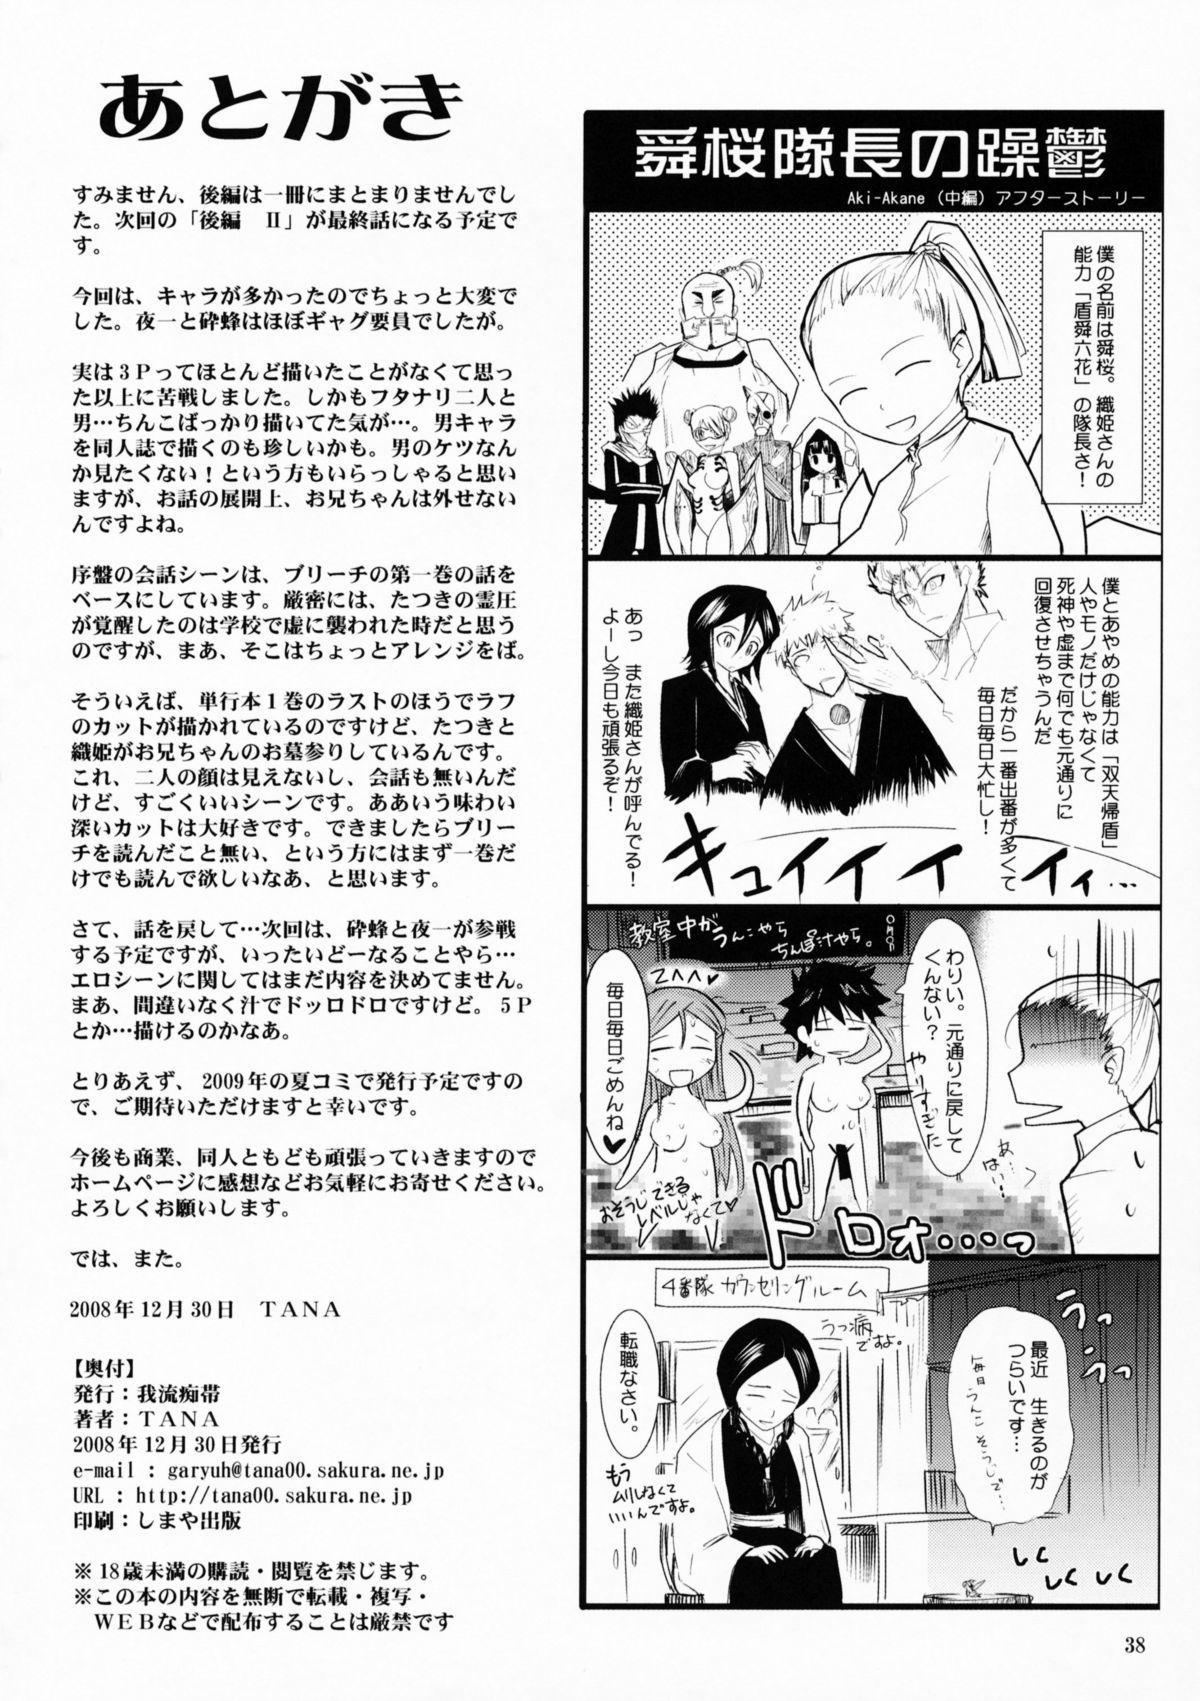 (C75) [Garyuh Chitai (TANA)] Aki-Akane -Kouhen 1- (Bleach) 36